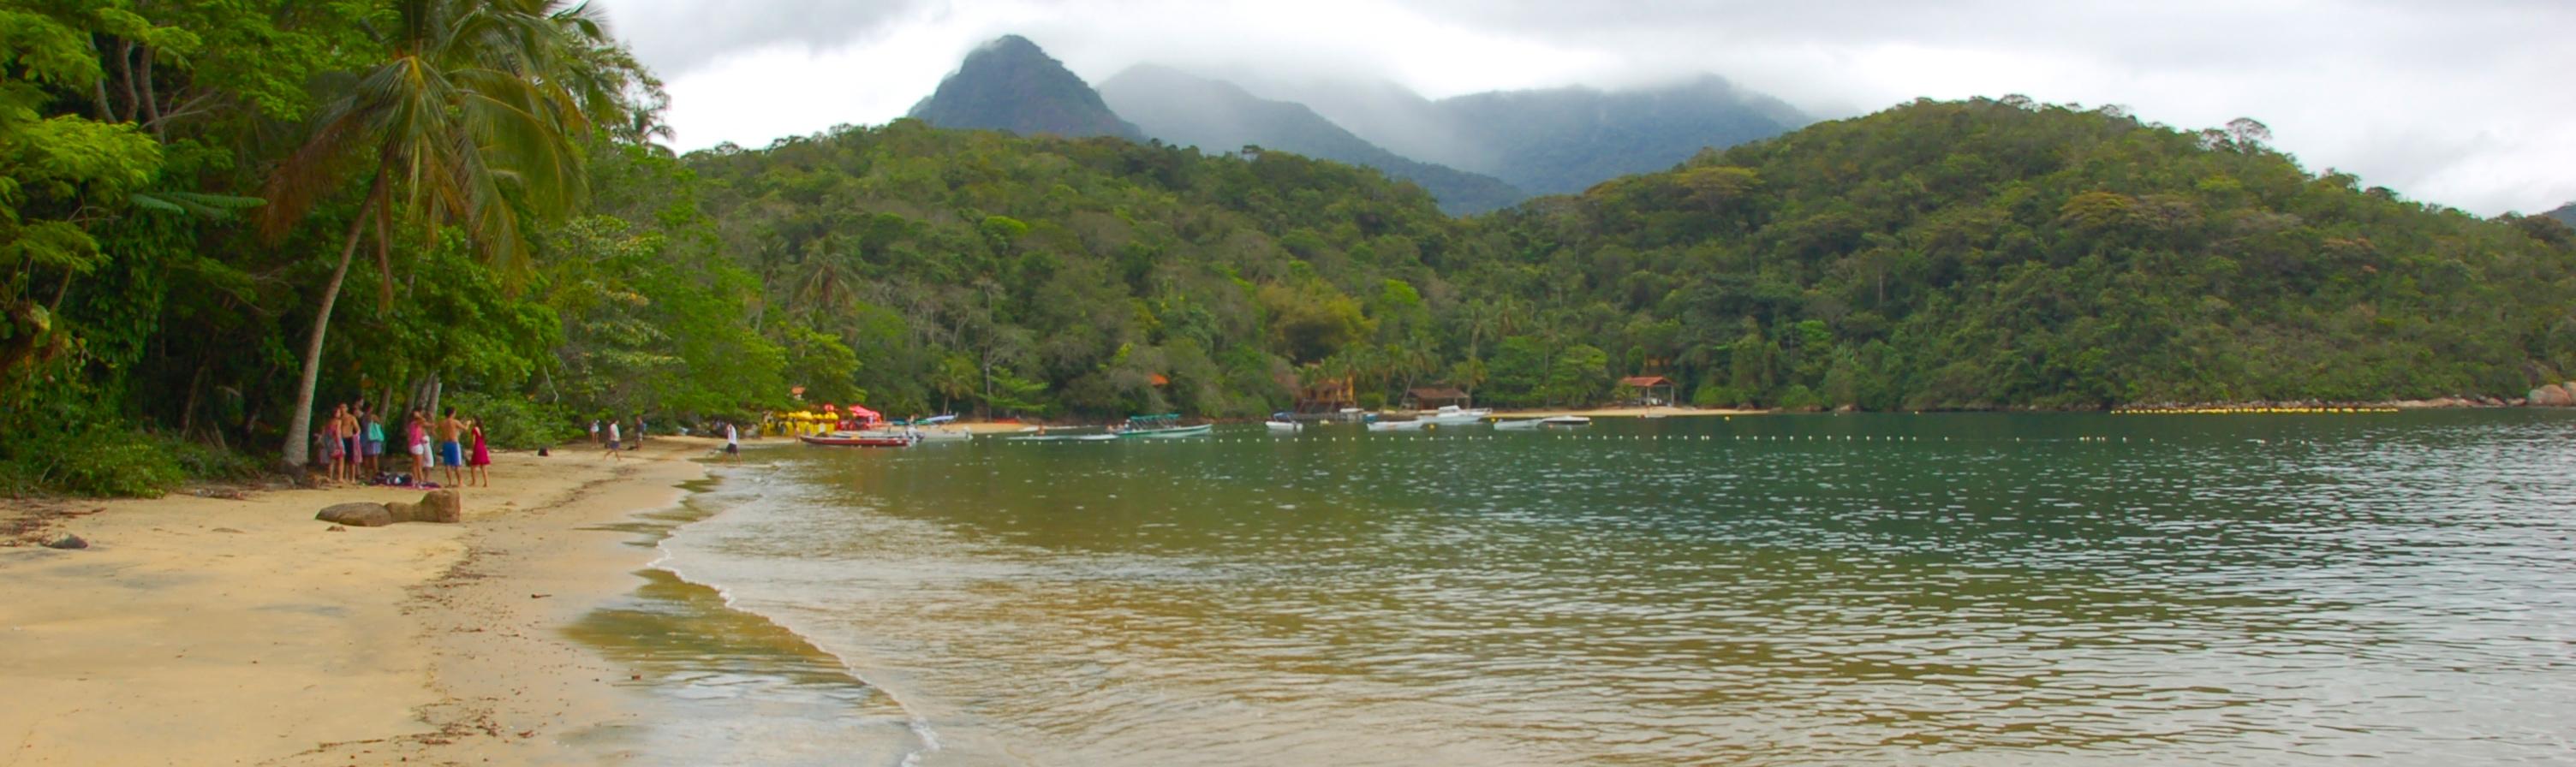 Praia do Abraãozinho, Ilha Grande